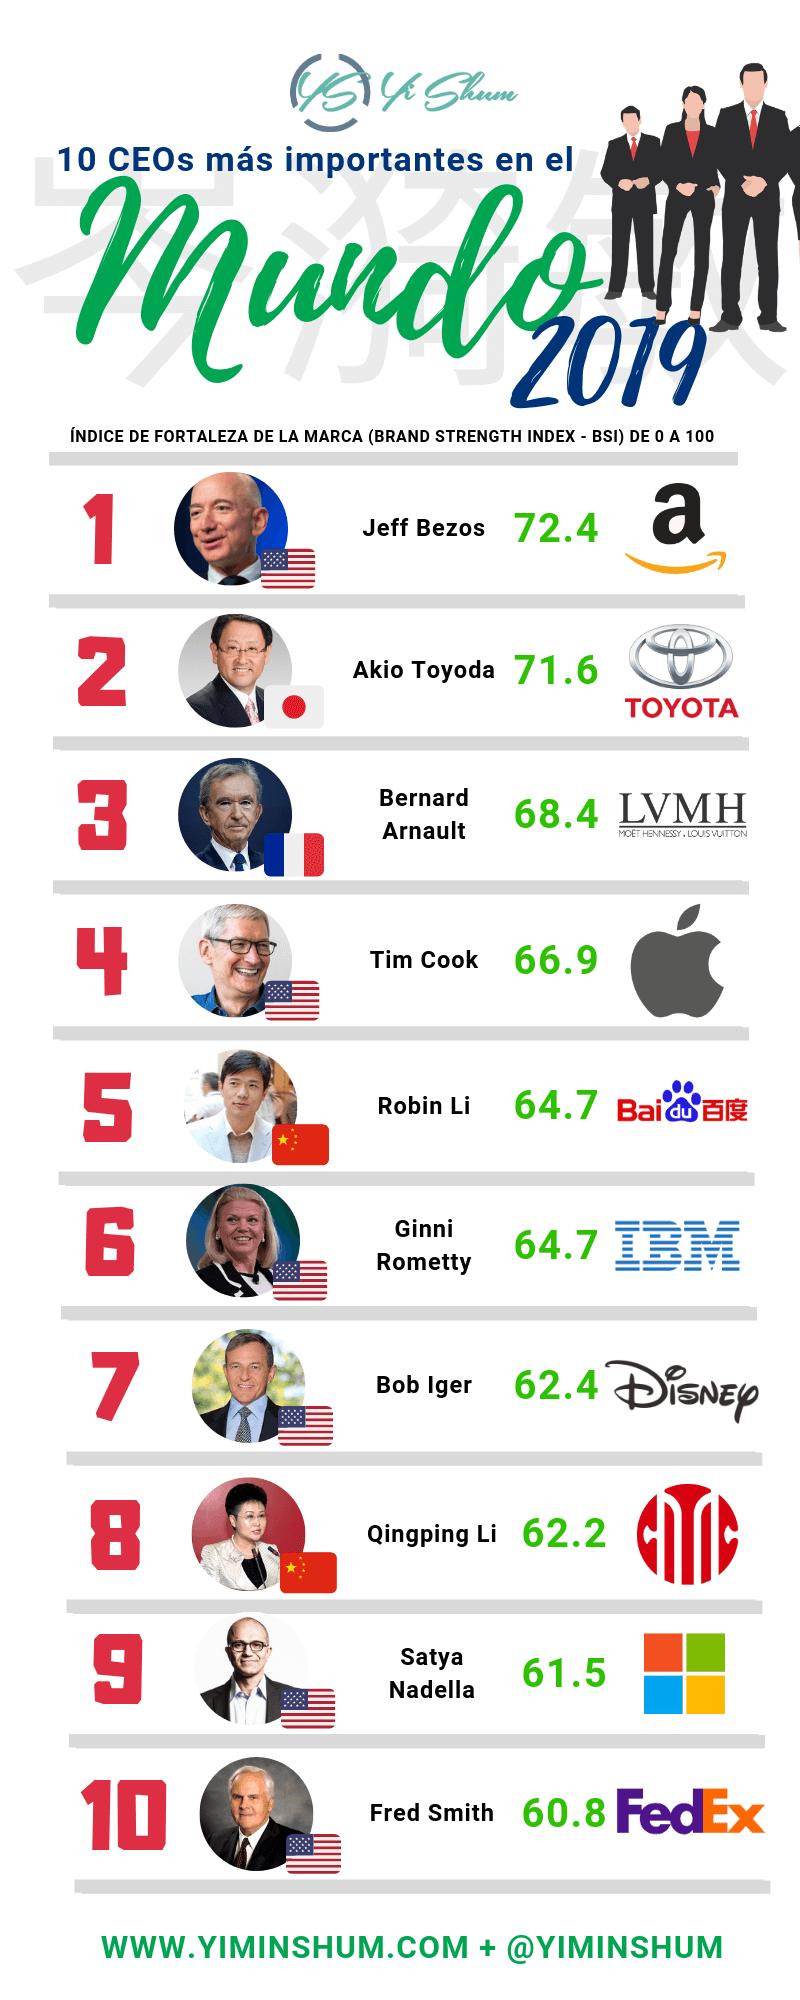 10 CEOs más importantes 2019